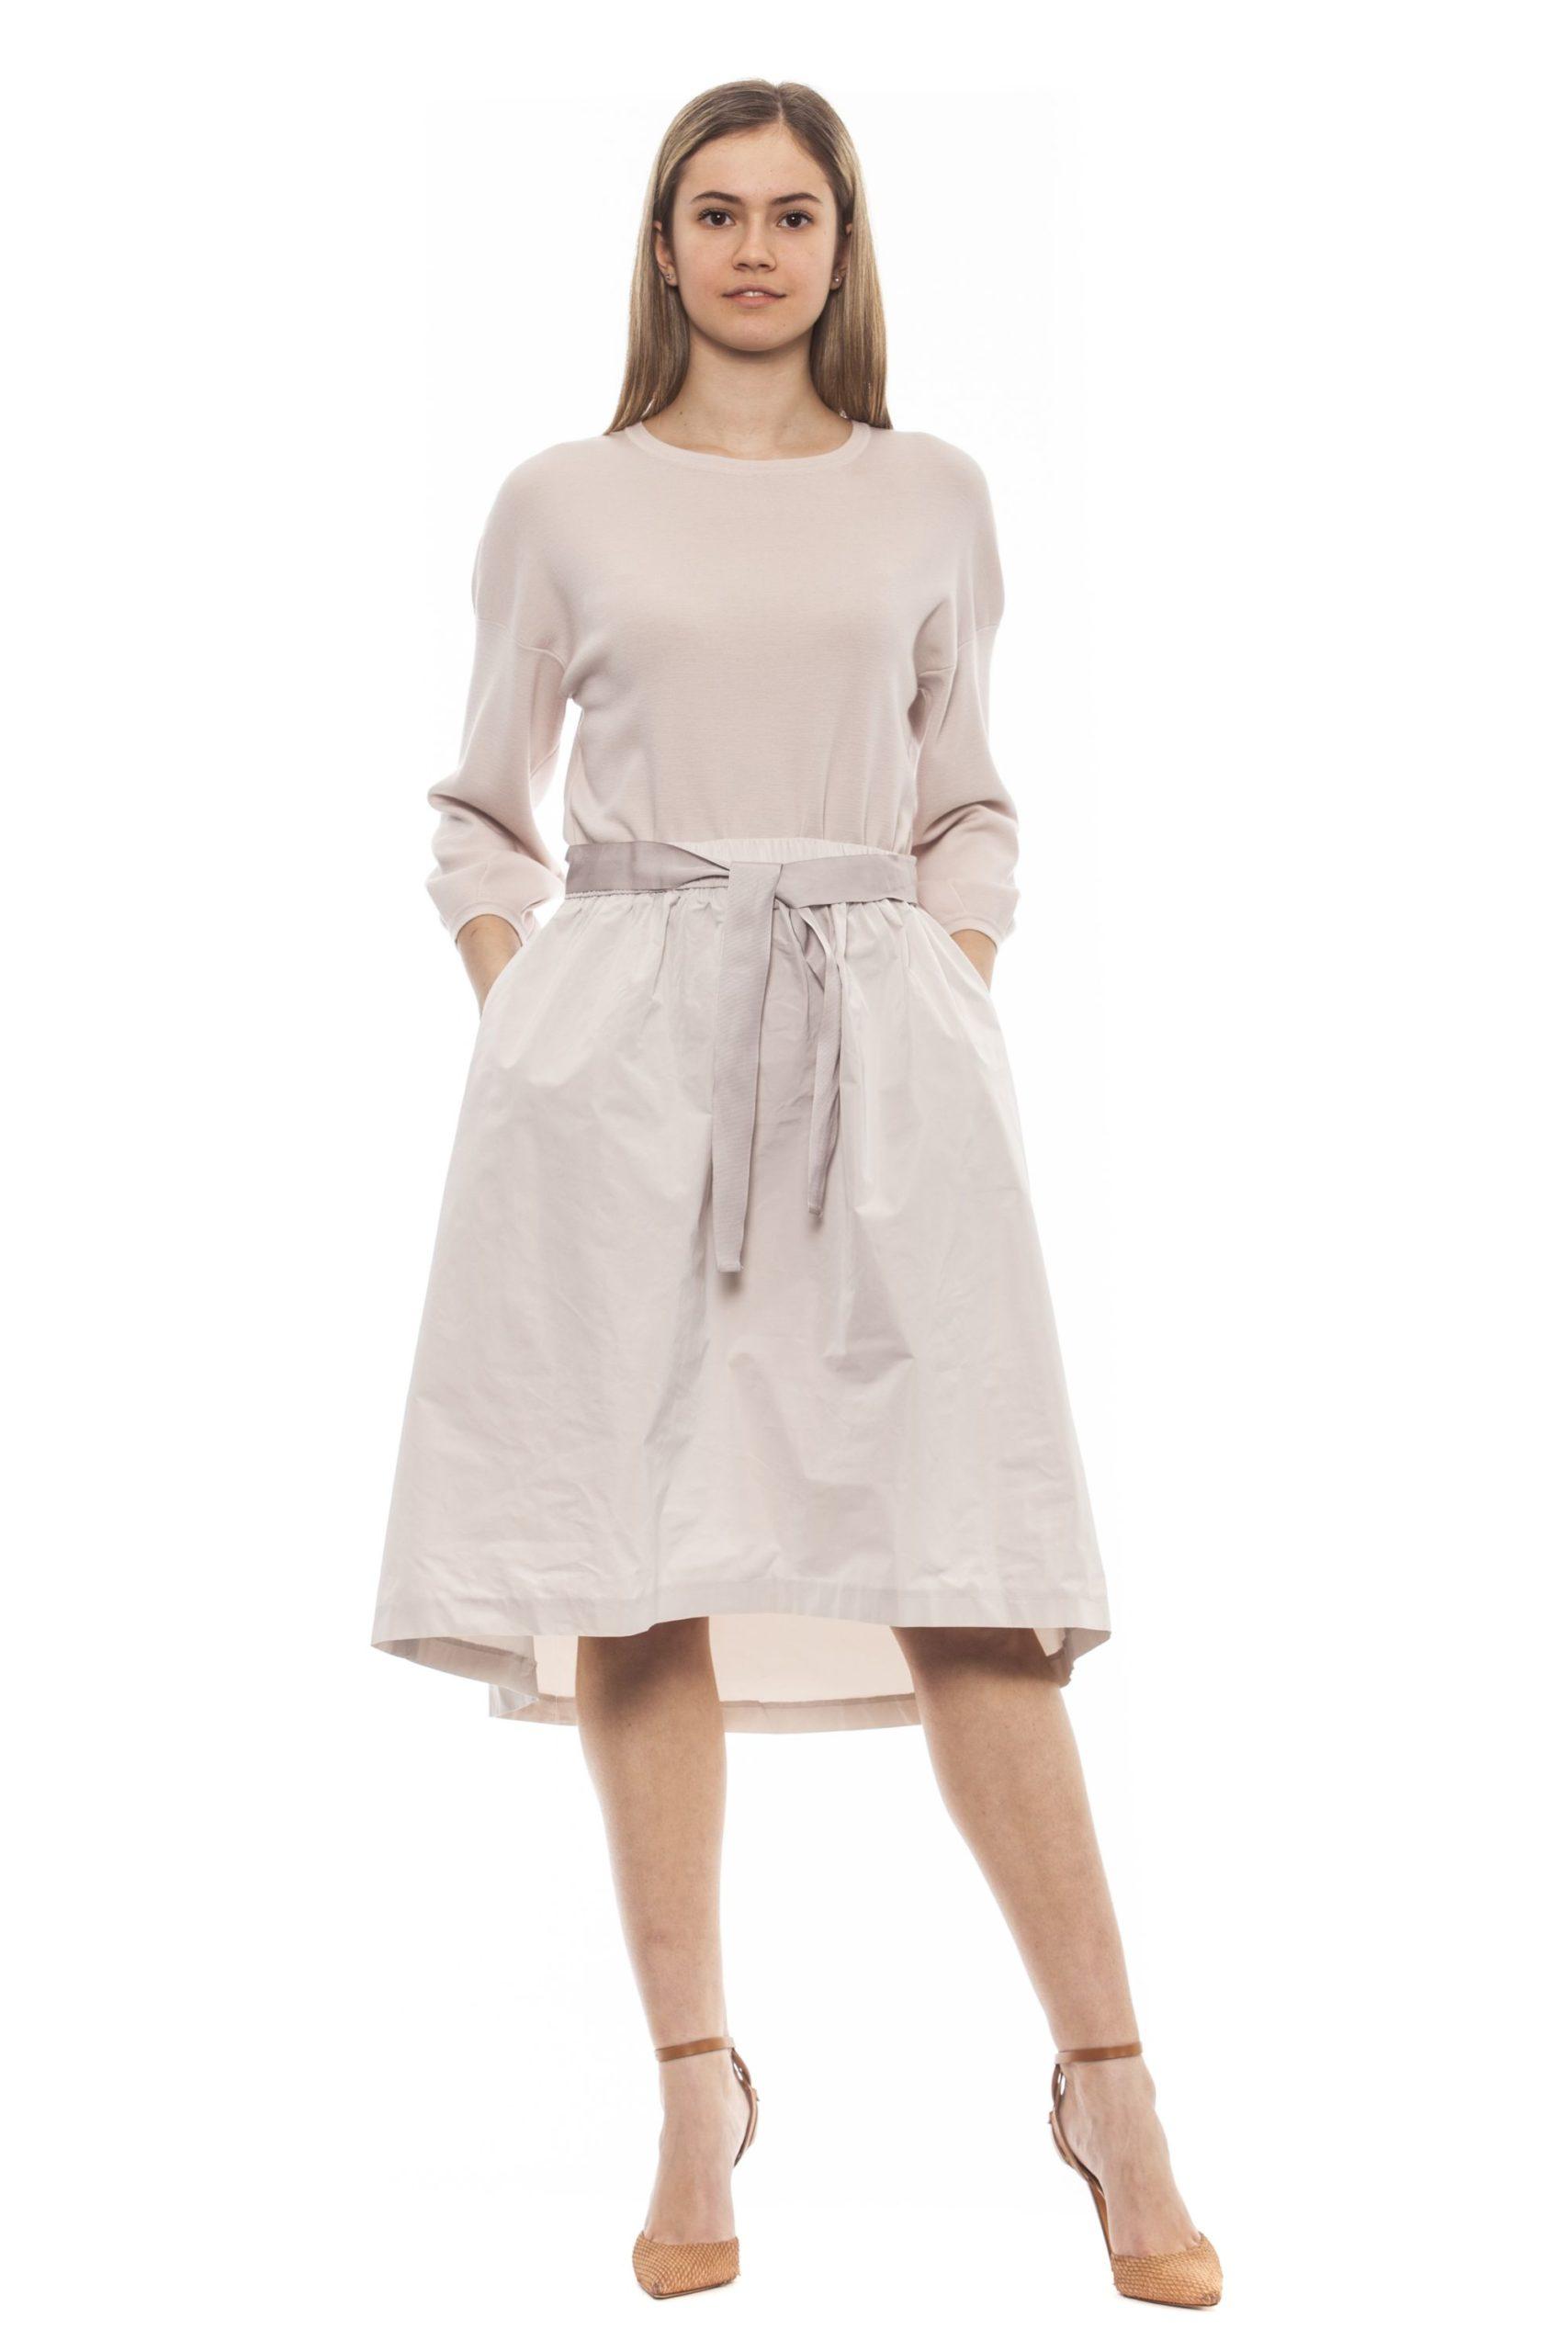 Peserico Women's Dress Beige PE1381577 - IT42 | S